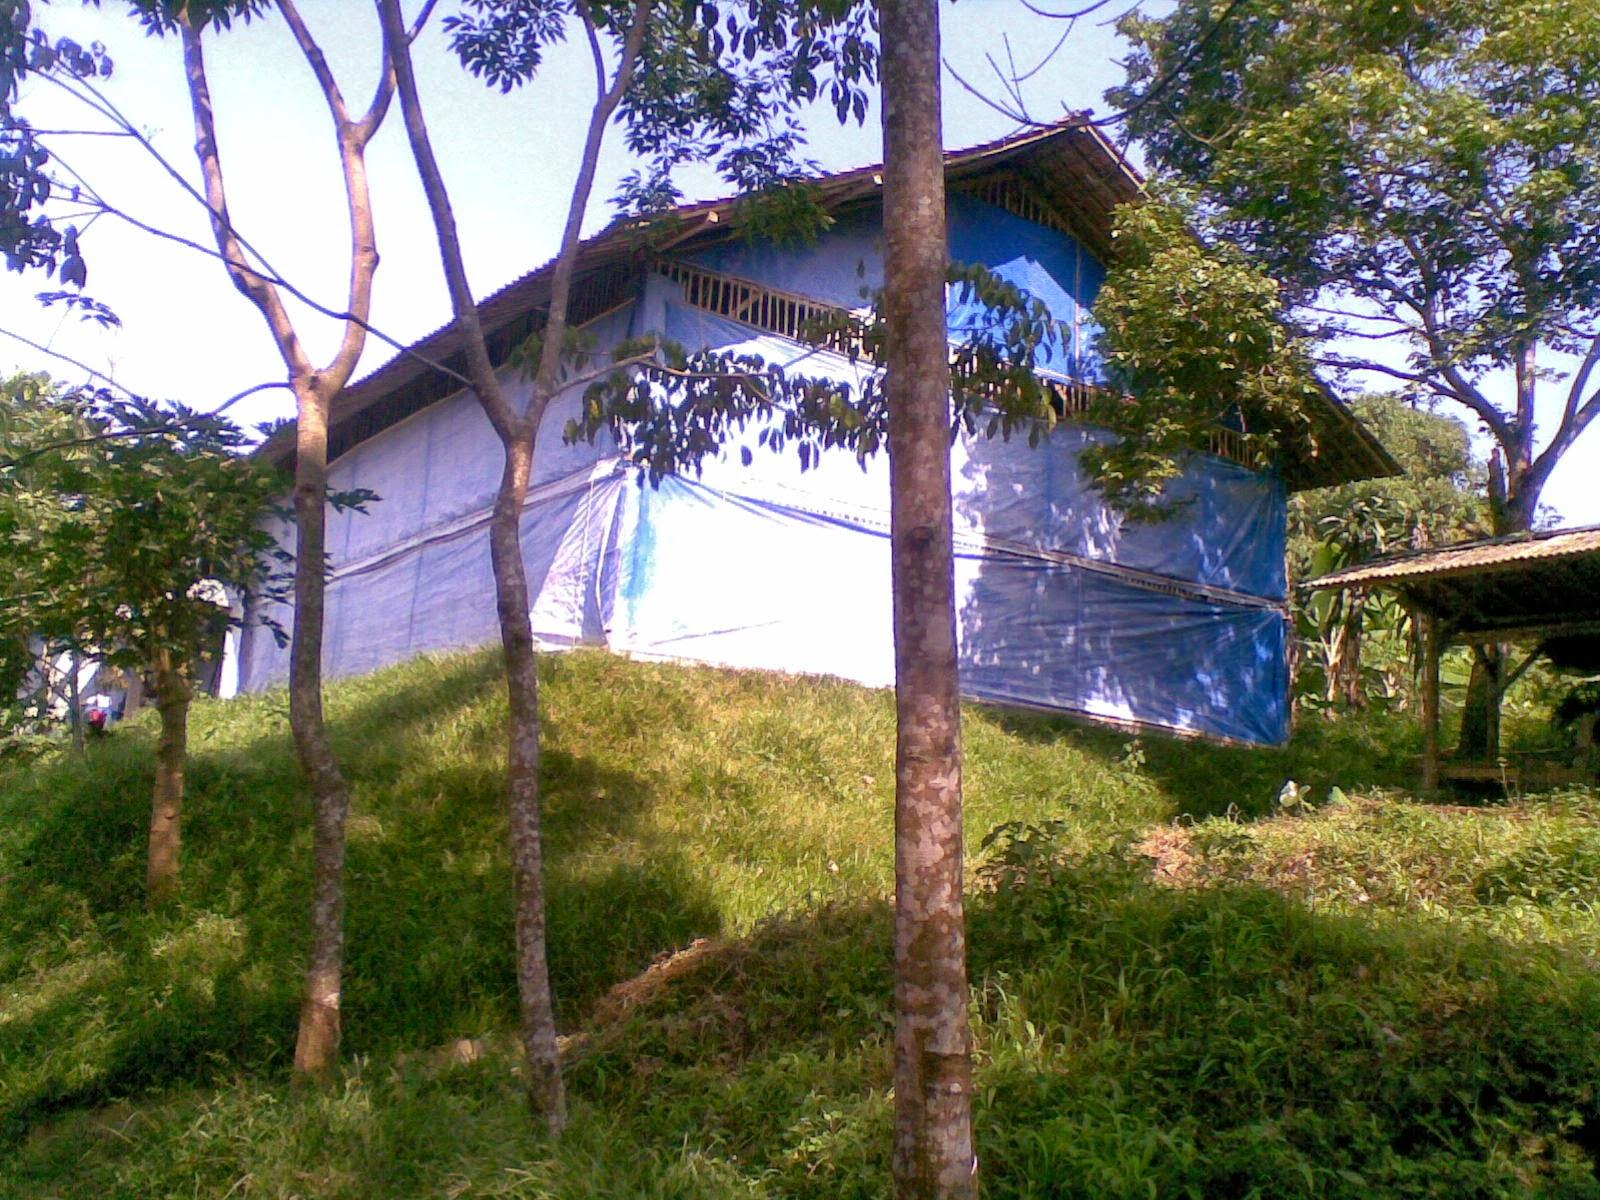 09082014(002) Jual tanah luas 5 Ha, kebun karet yang sudah panen jual tanah di sukaresmi